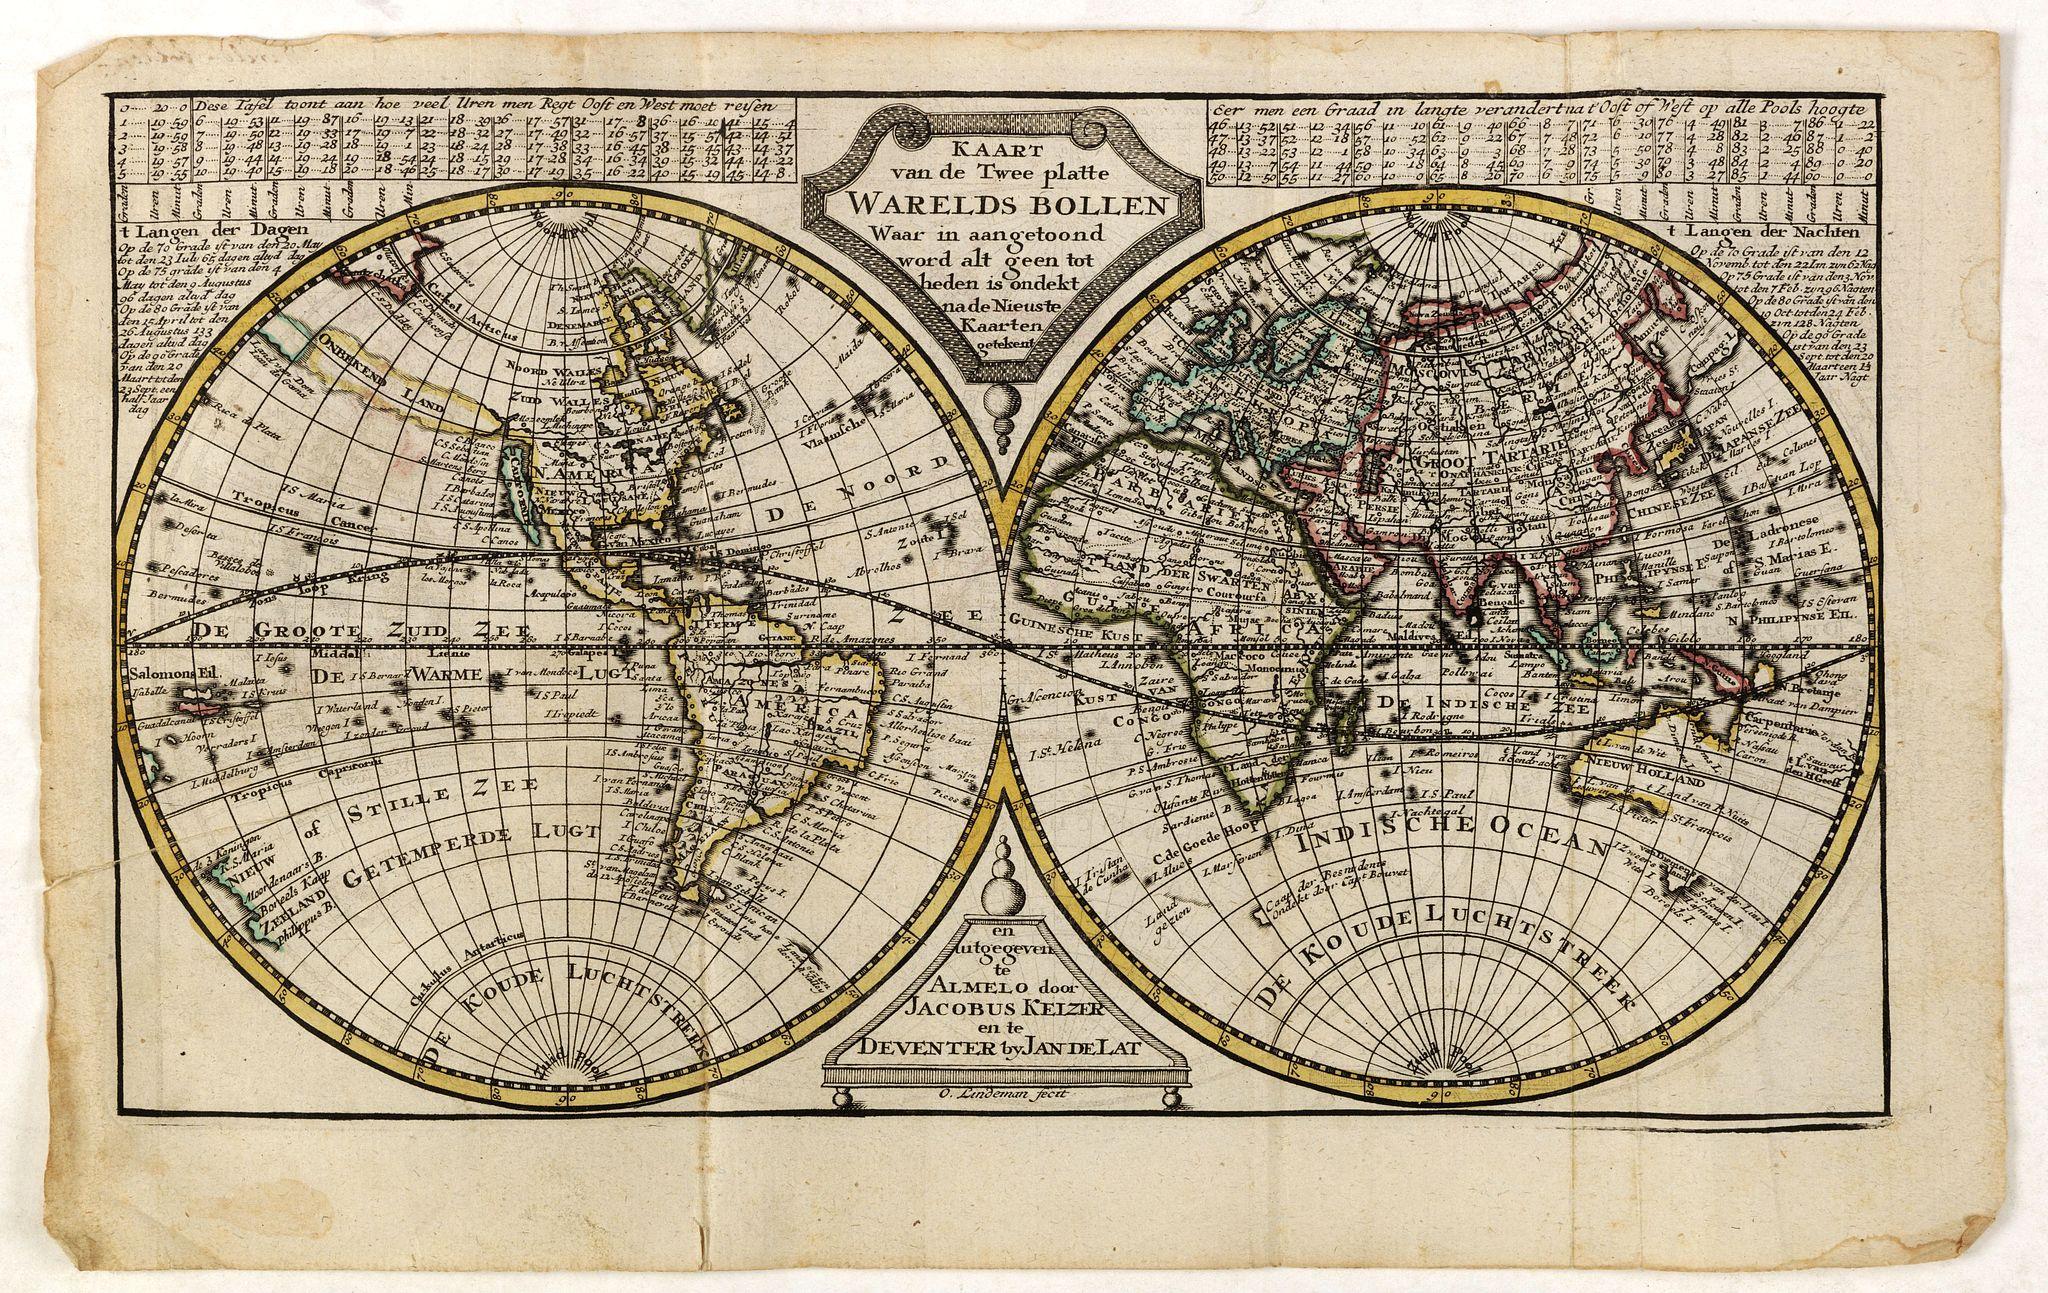 KEIZER, J. / DE LAT, J. -  Kaart van de twee platte warelds bollen waar in aangetoond word alt geen tot heden is ondekt na de Nieuste kaarten getekent.